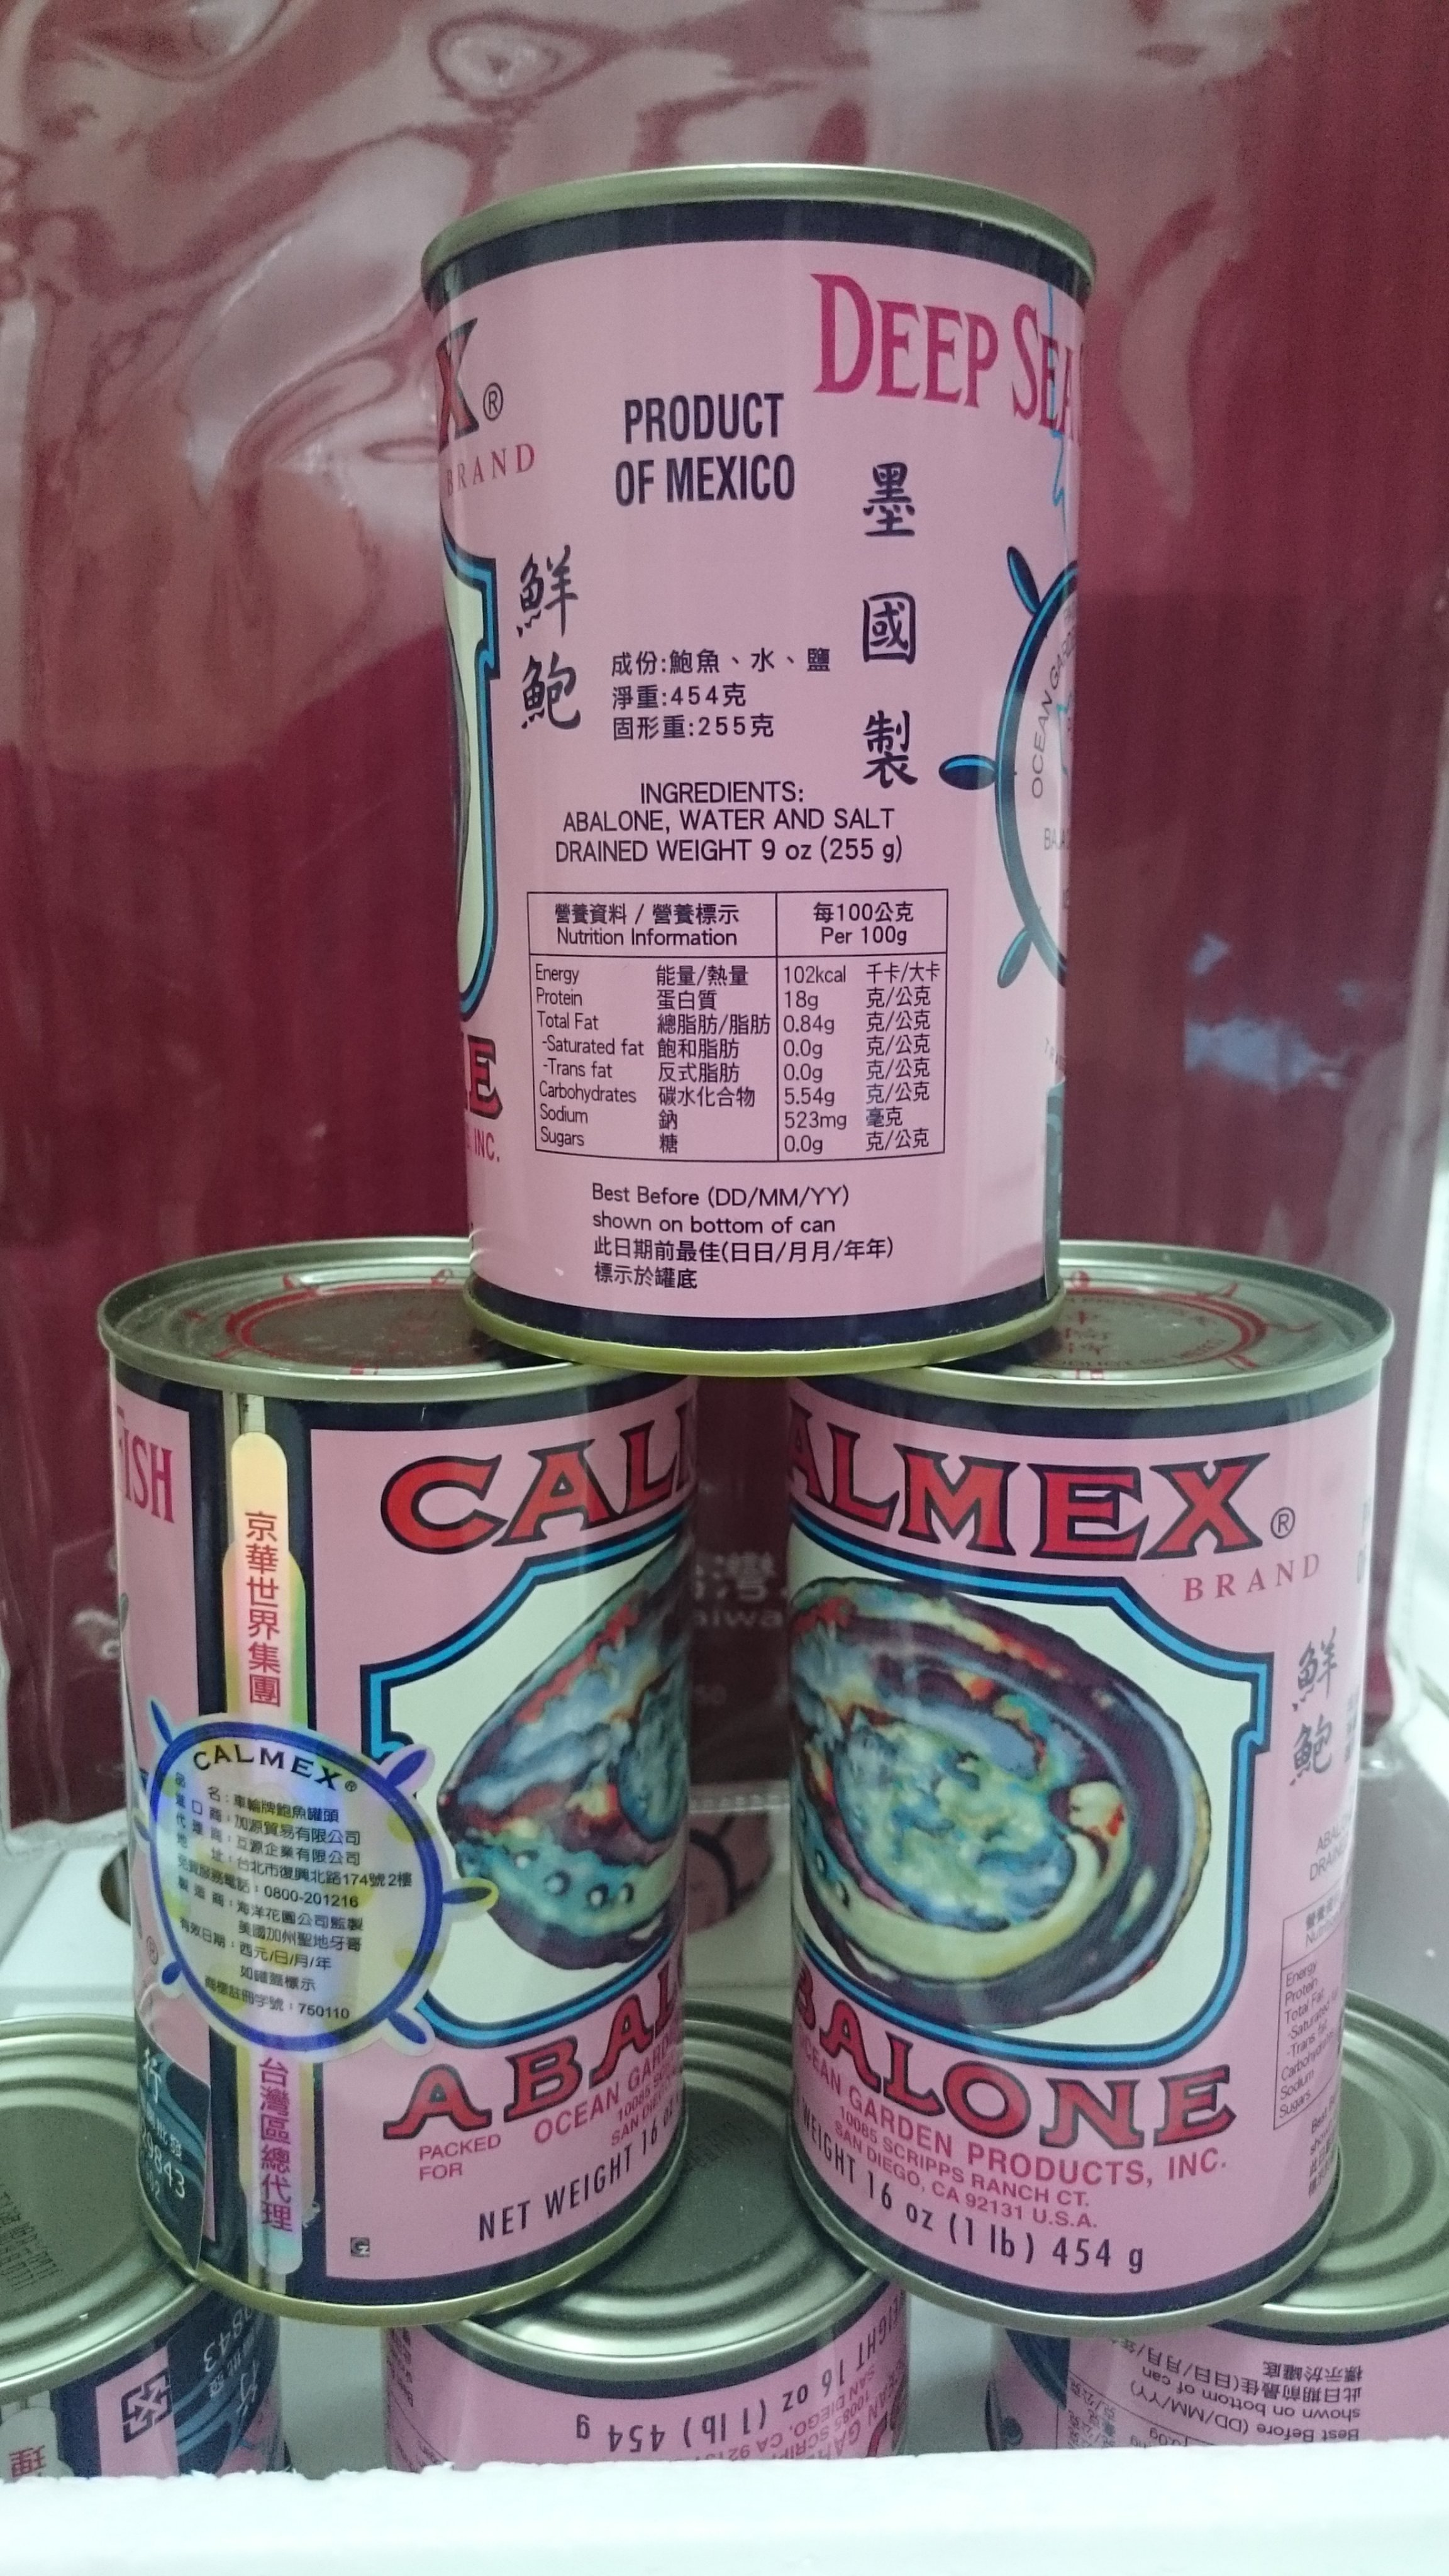 【1粒裝】最新效期 總代理貨 車輪牌鮑魚罐頭(墨西哥制),魚翅,鮑魚,干貝,刺蔘,花膠,南北貨禮品專賣